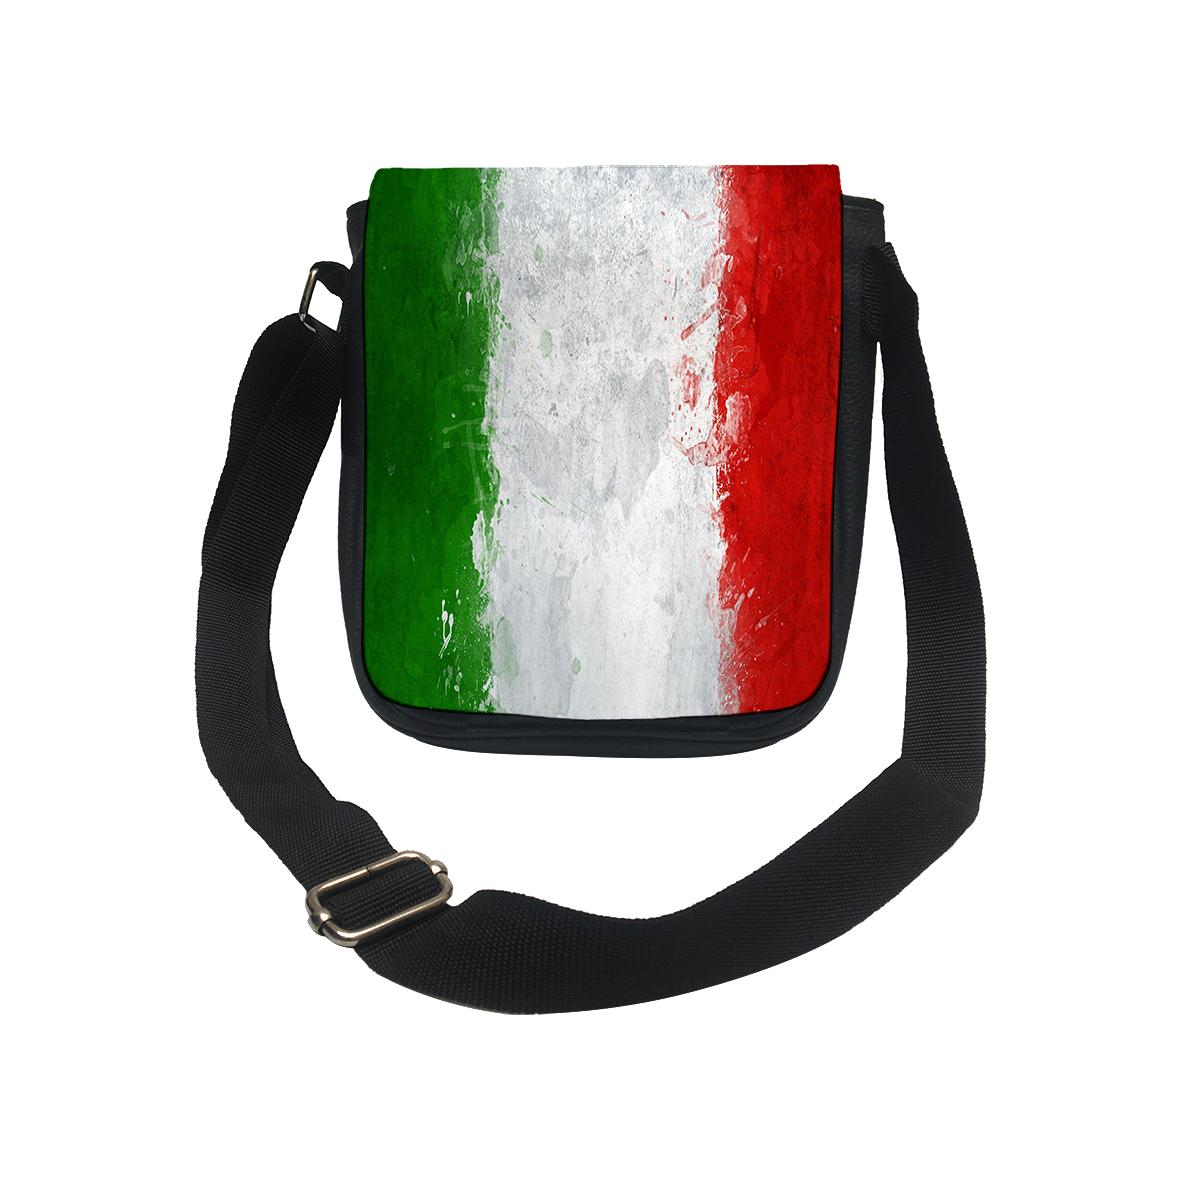 کیف دوشی طرح پرچم کشور ایتالیا کد k159